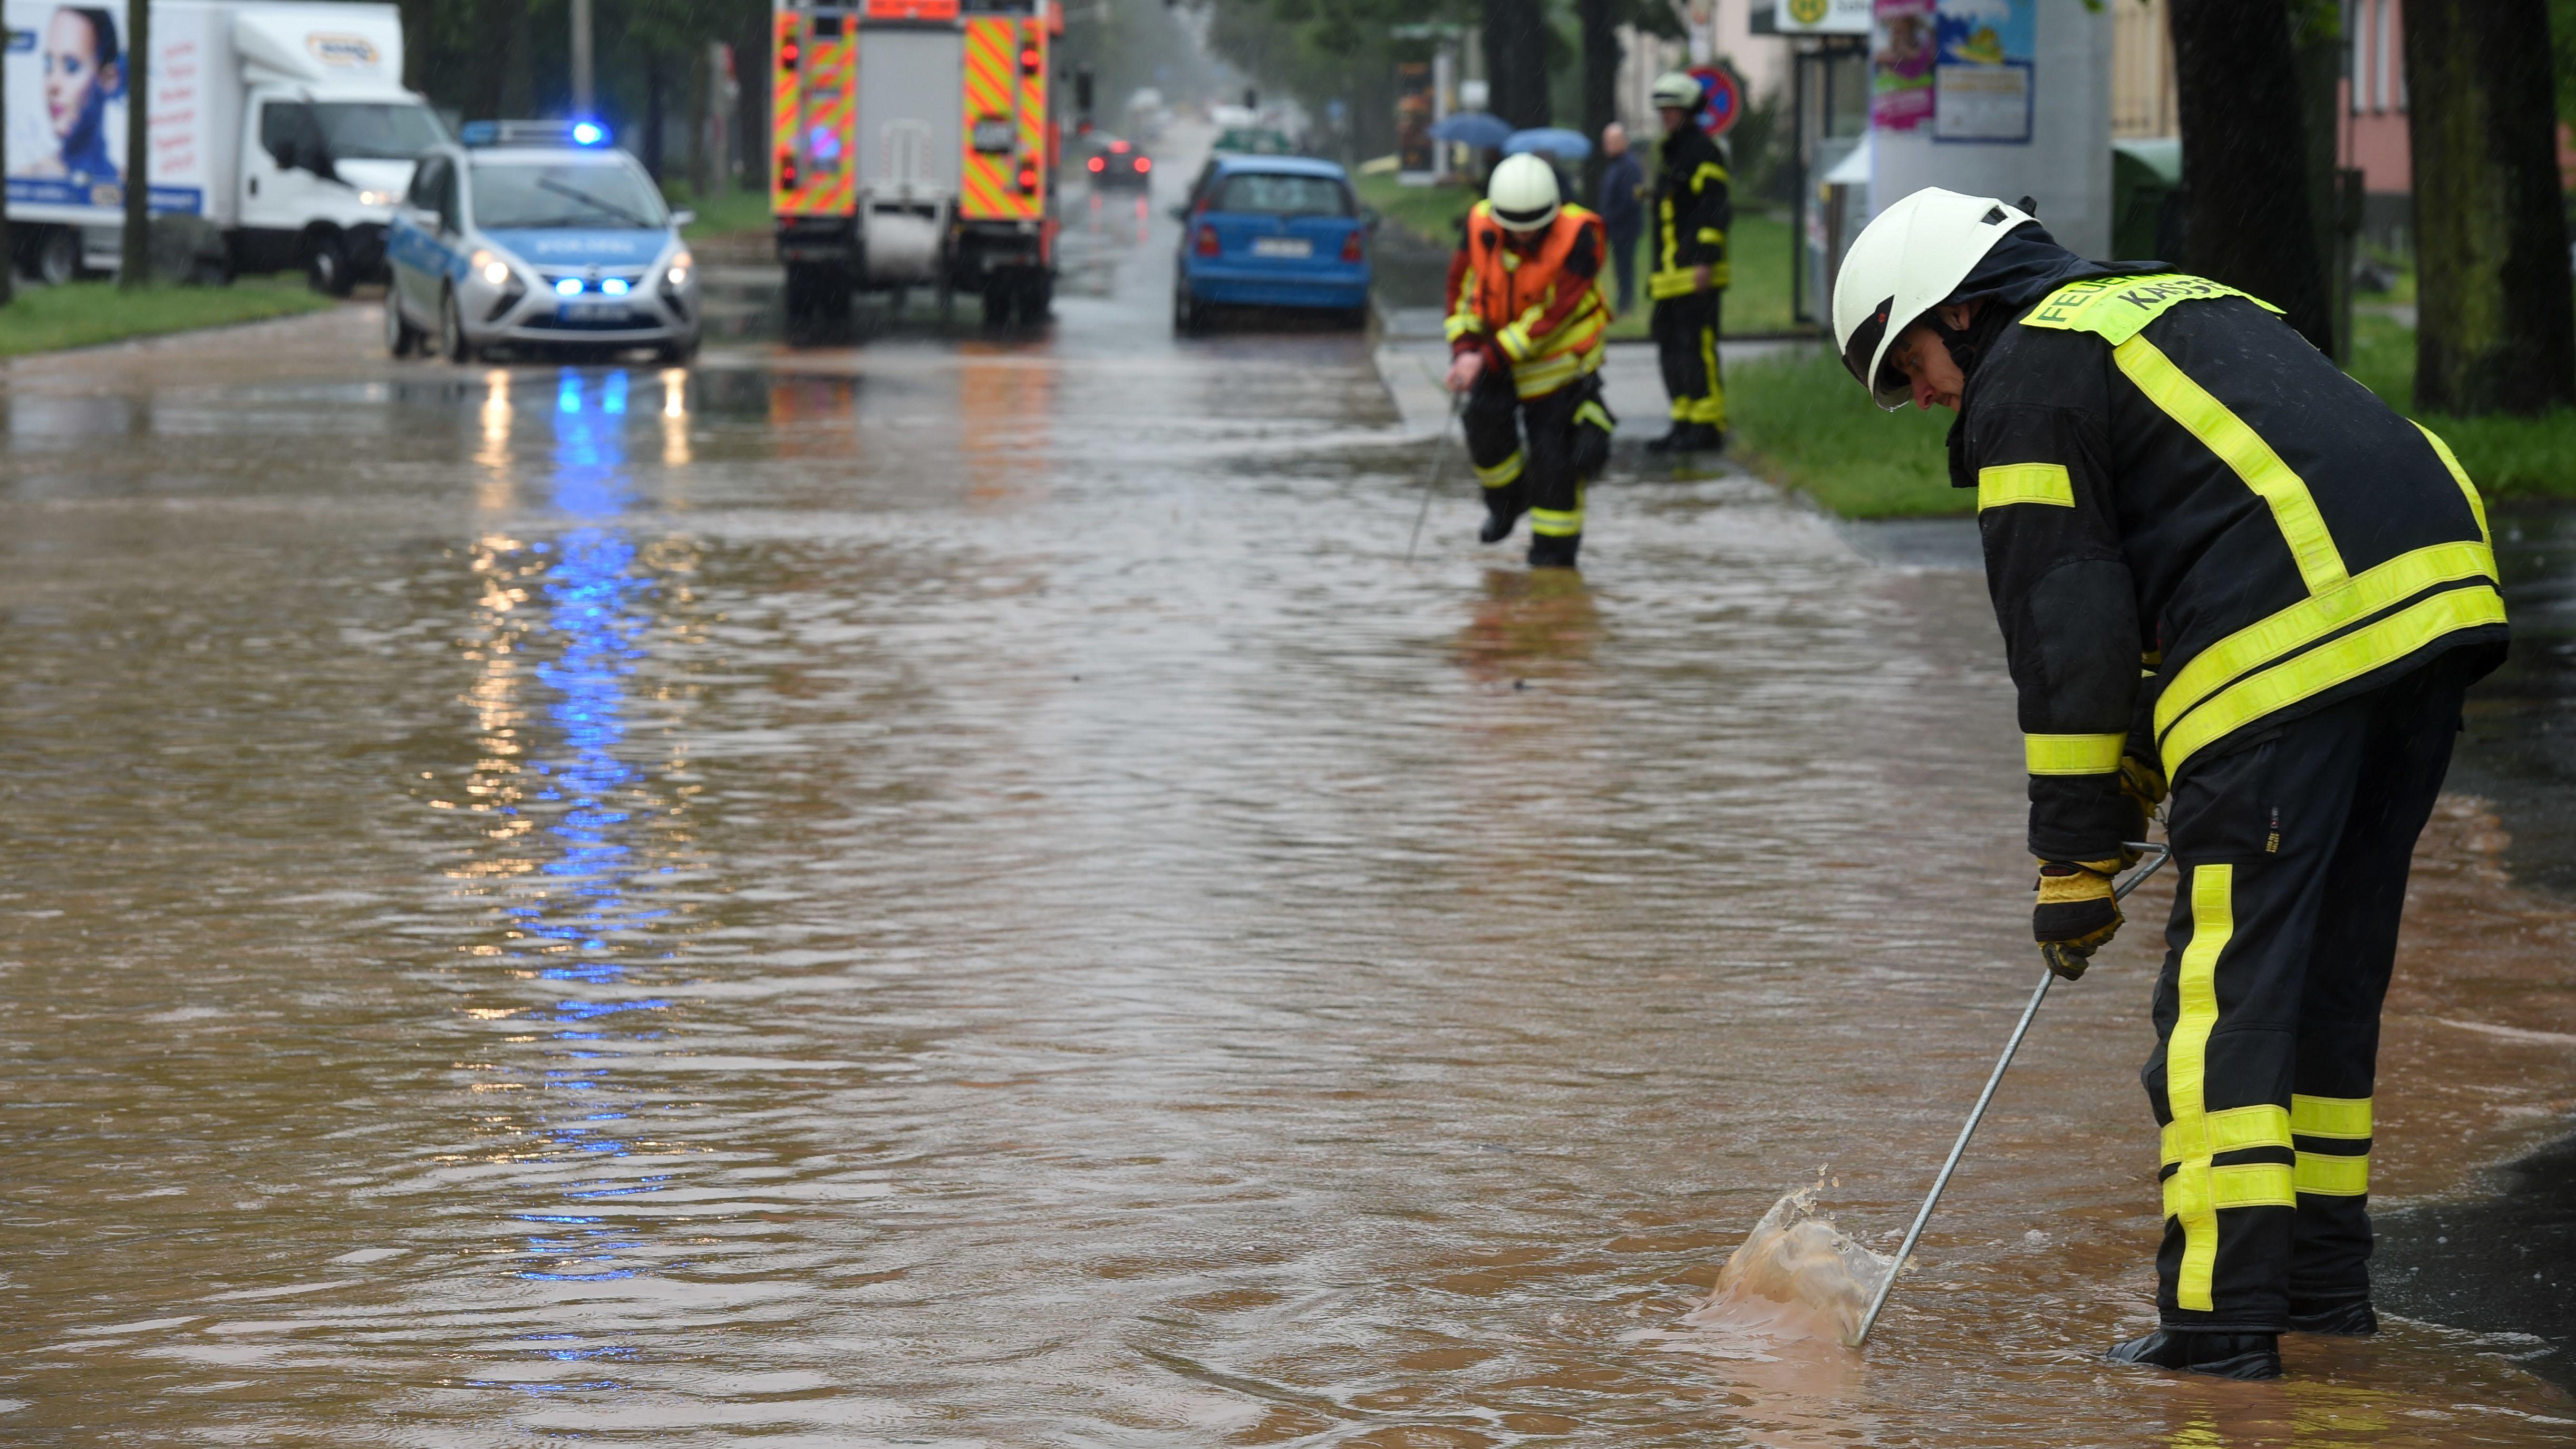 Feuerwehrleute suchen mit Eisenstangen in einer überfluteten Straße nach dem Gullydeckel